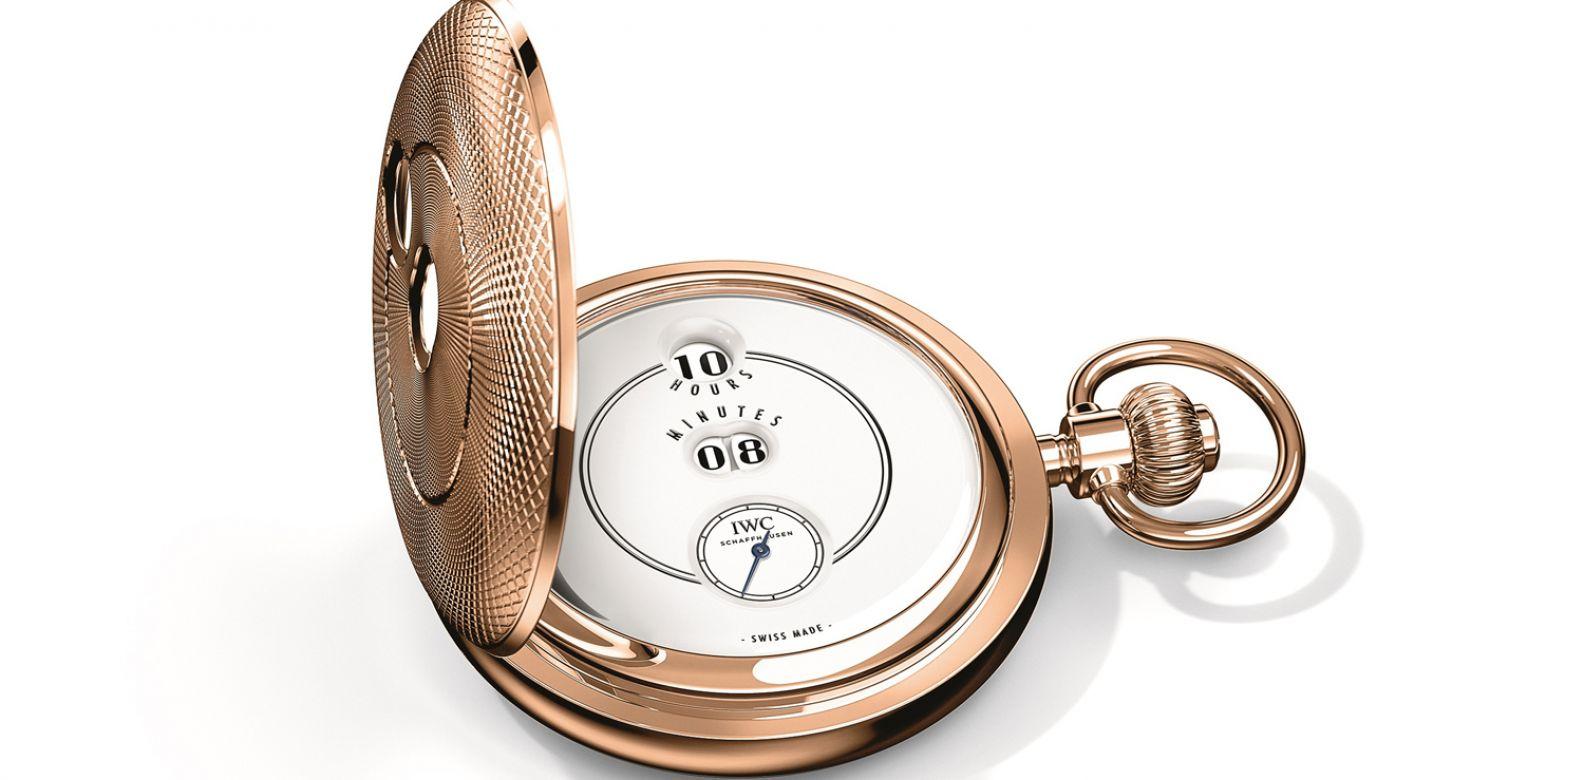 致敬波威柏(Pallweber)150週年特別版懷錶by Iwc。